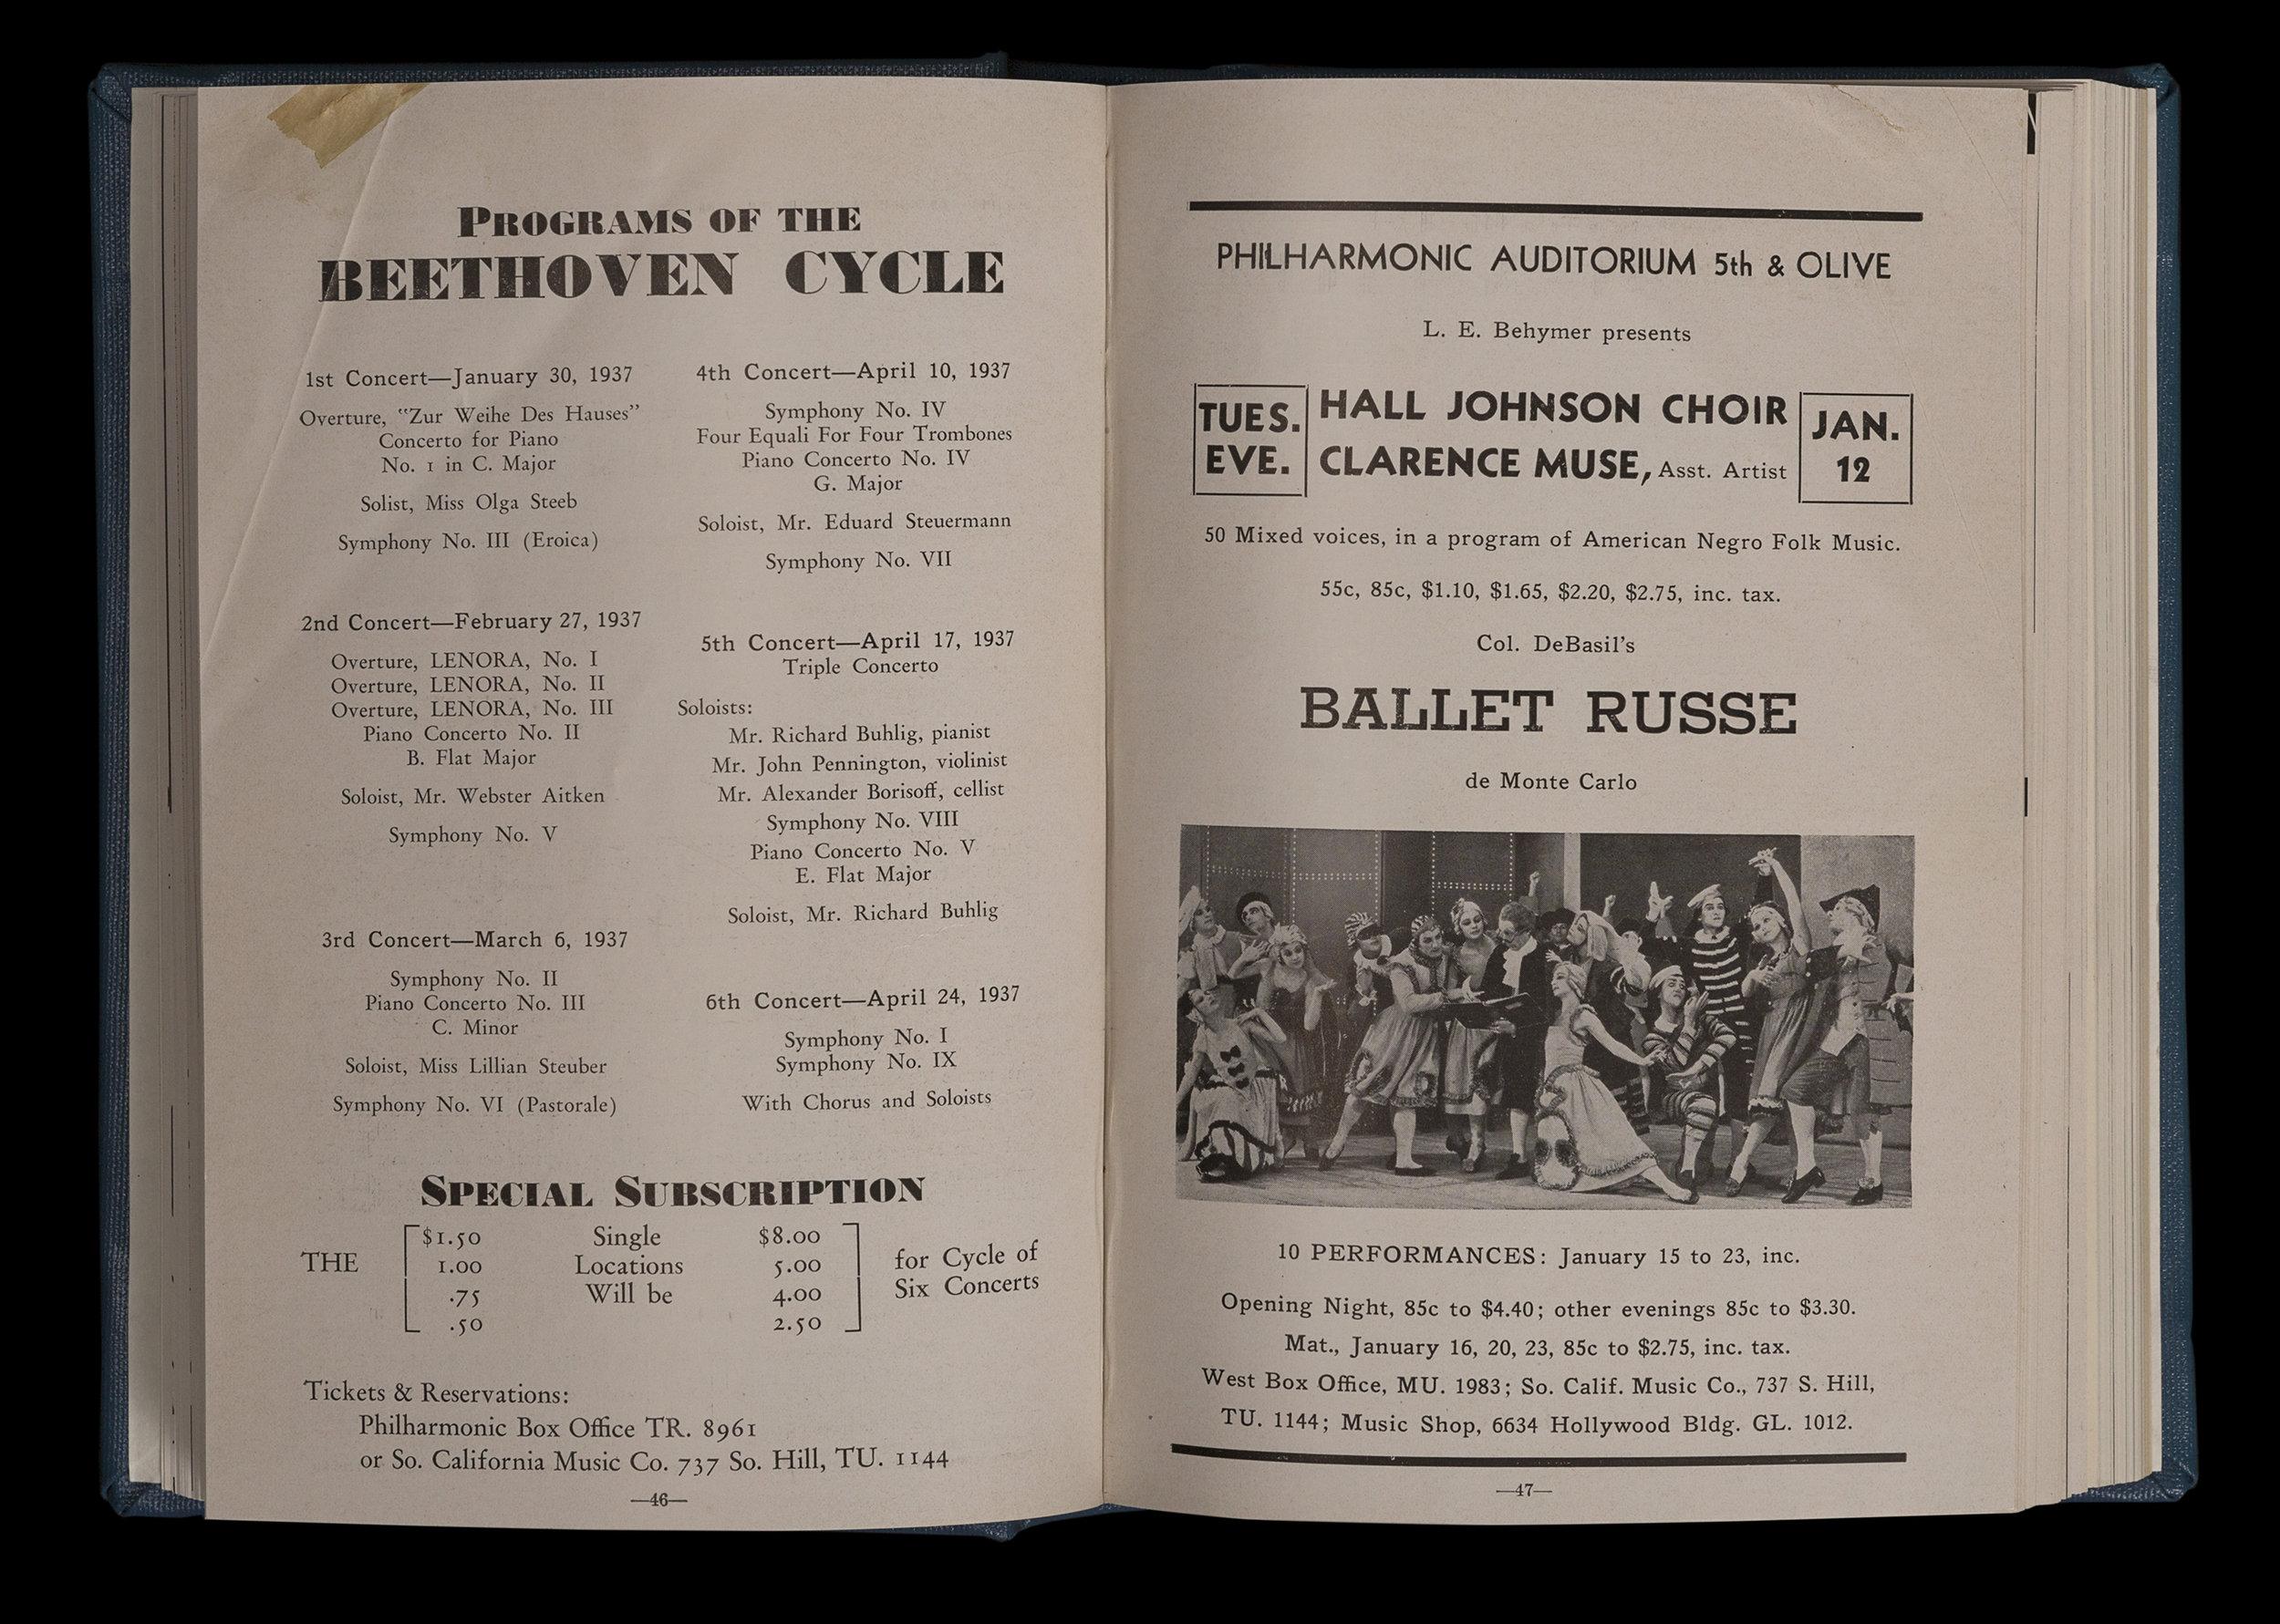 LAPO_ProgramBook_PageA_1936-1937.jpg